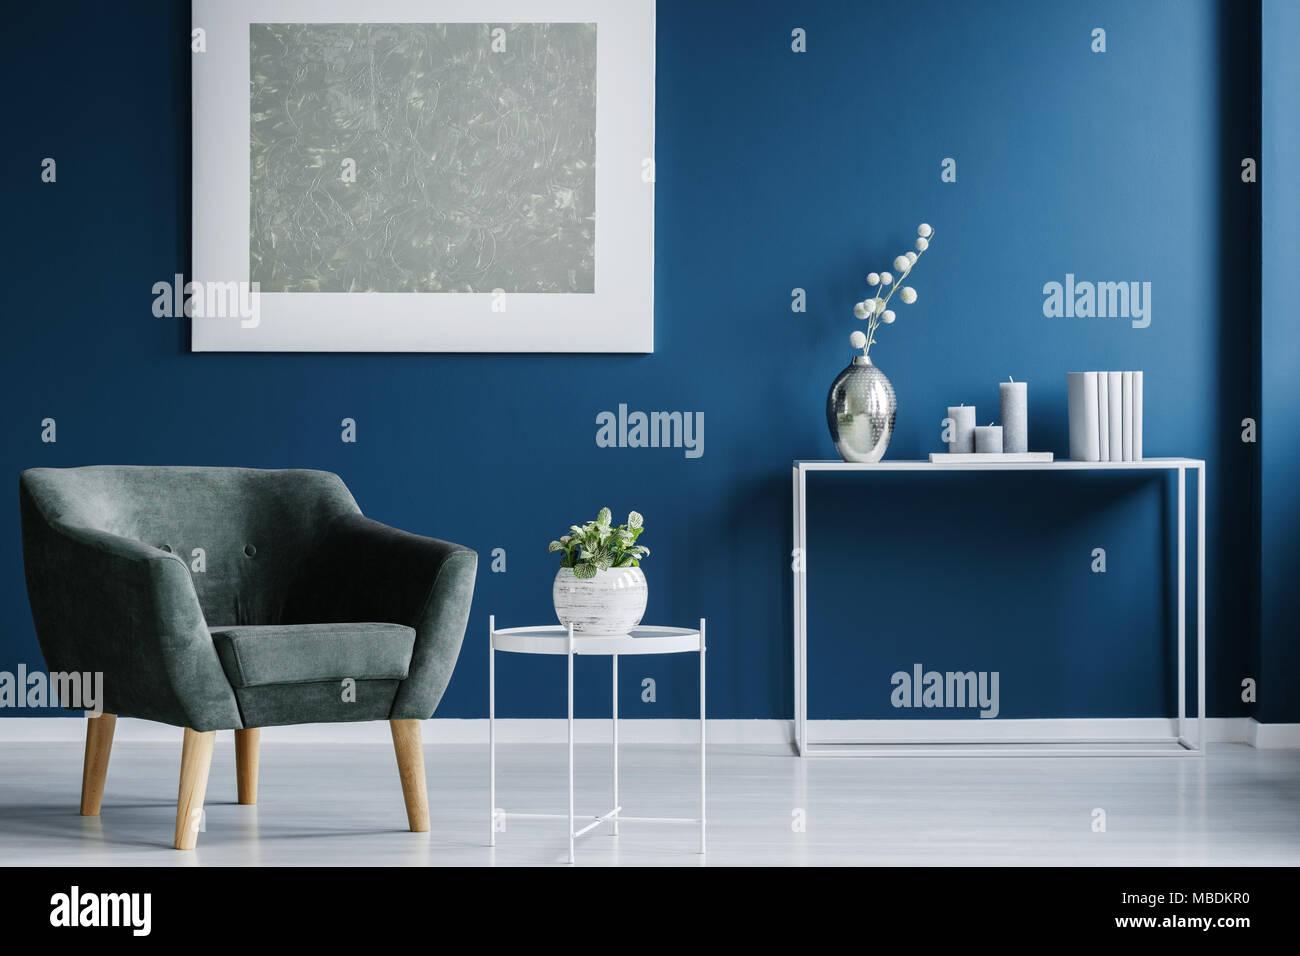 Grüne Sessel Gegen Die Wand Mit Silber Malerei In Marine Blau Wohnzimmer  Interieur Mit Blumen